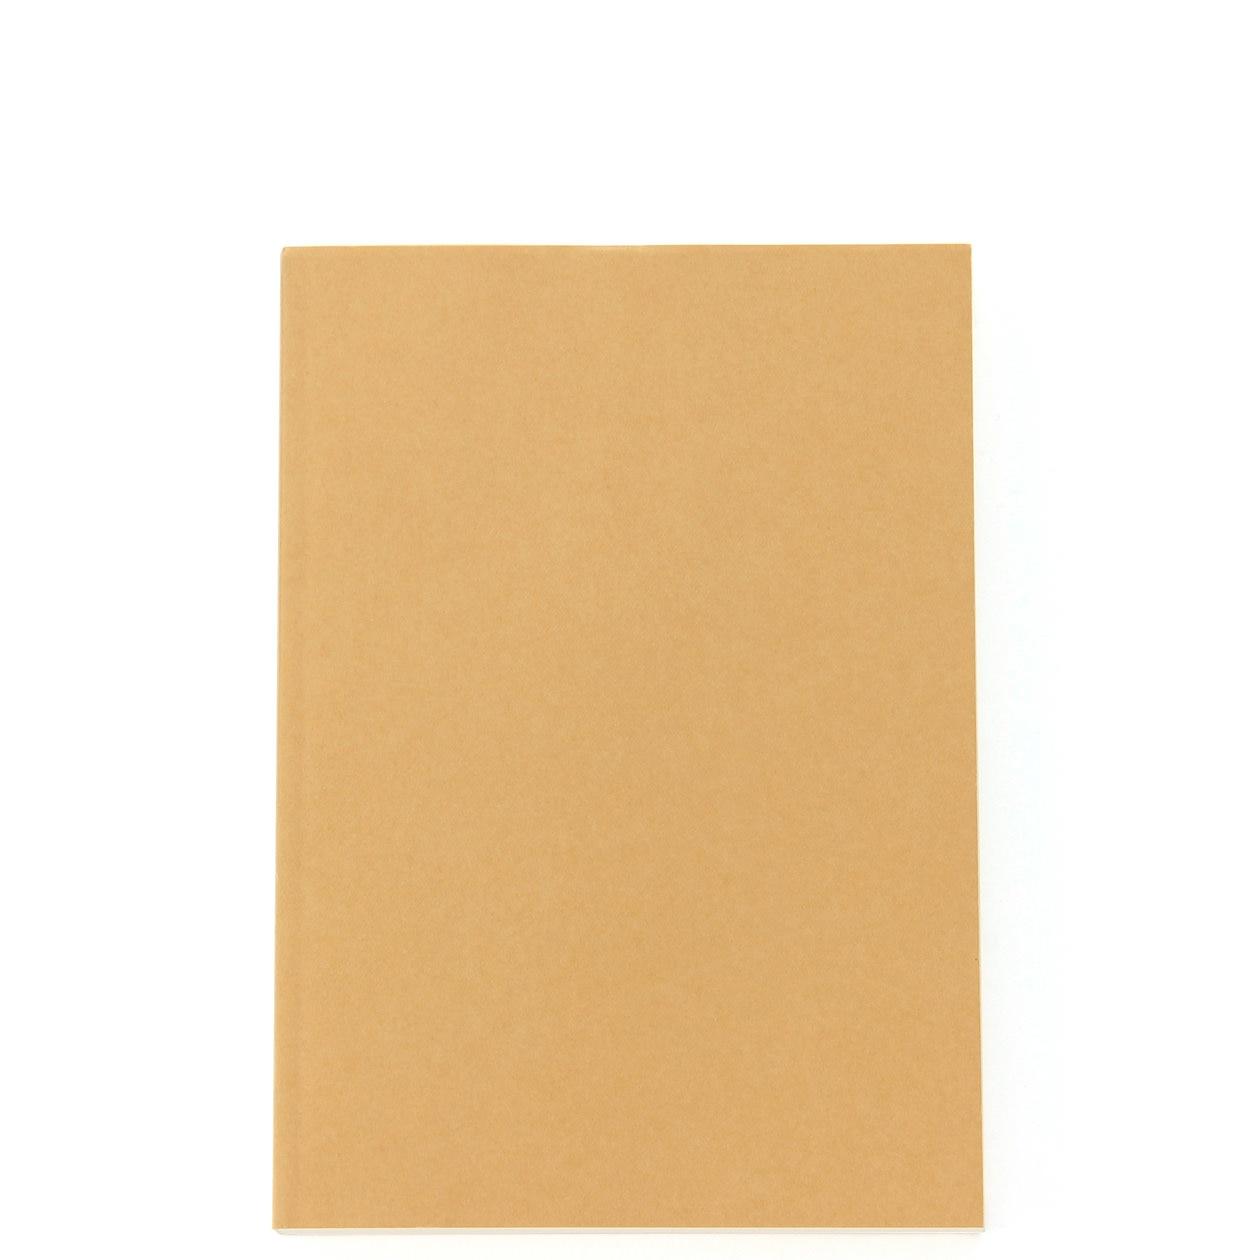 再生紙単行本ノート